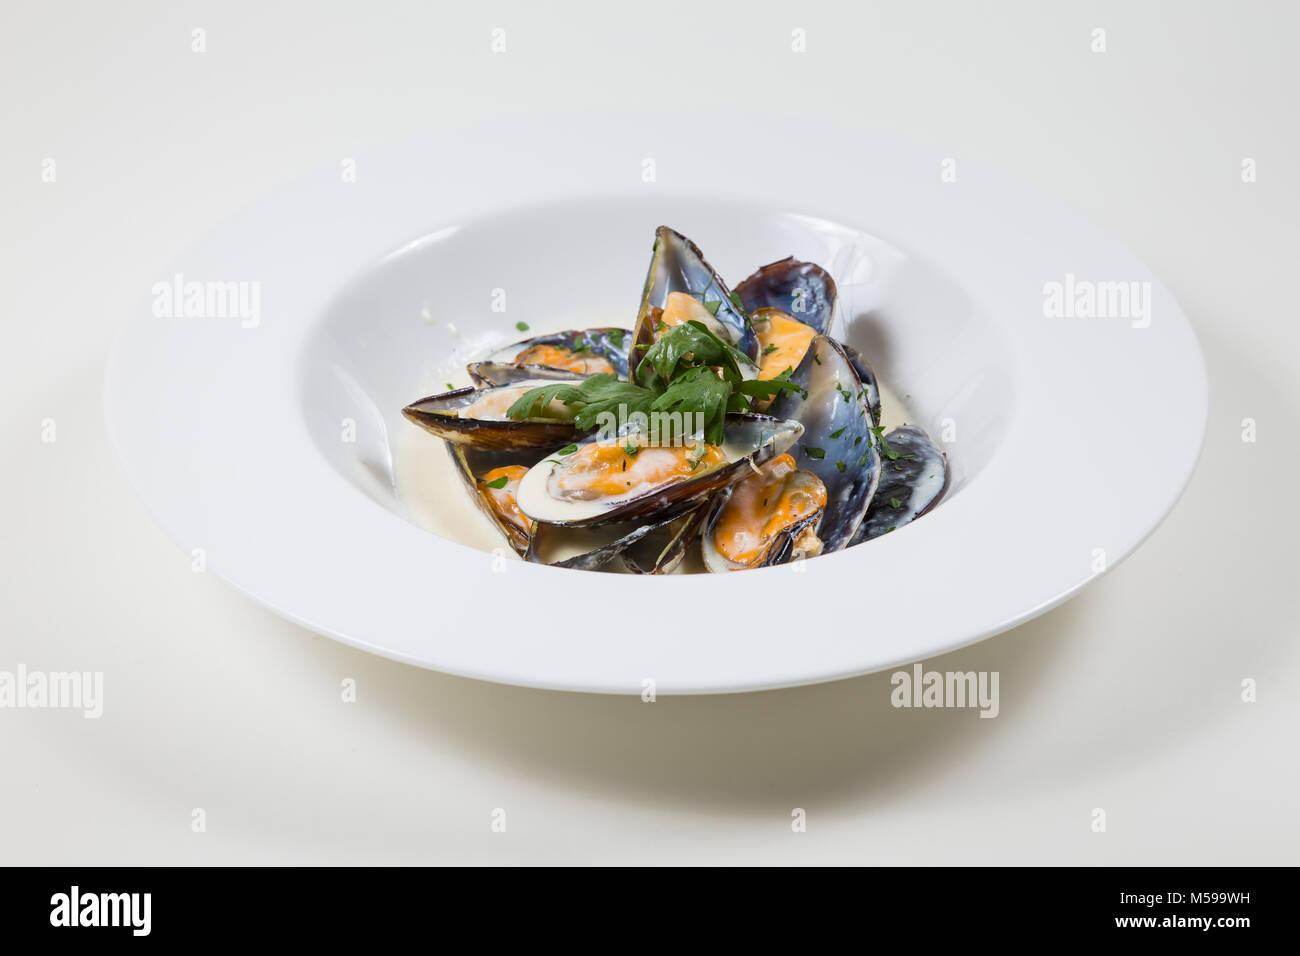 Le cozze in una salsa cremosa in una ciotola bianco su sfondo bianco isolato Foto Stock